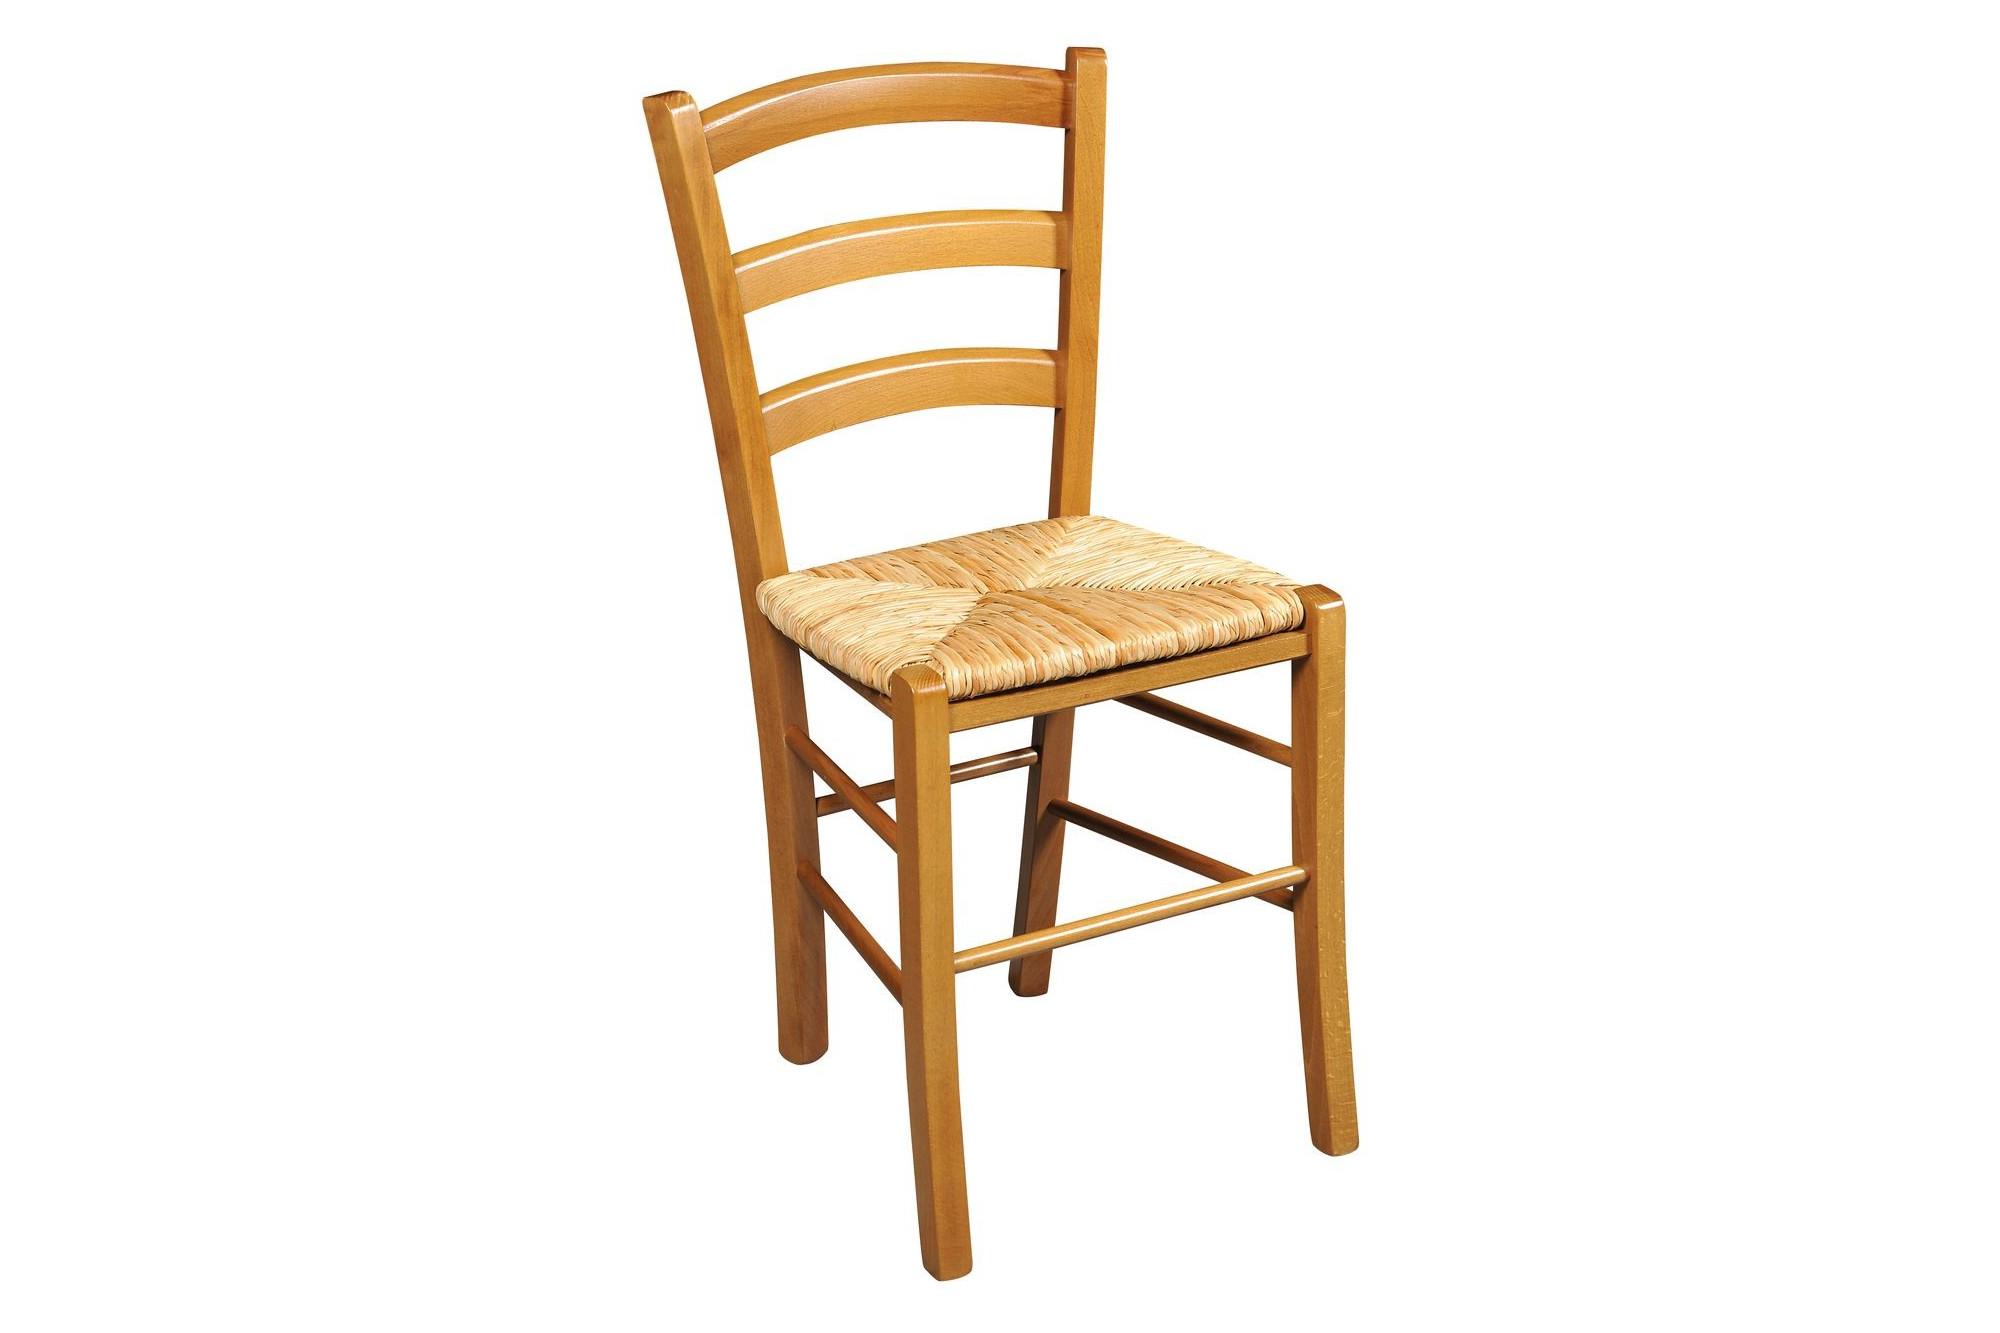 Chaise en bois rustique et claire assise paille hellin - Chaise bois flotte ...